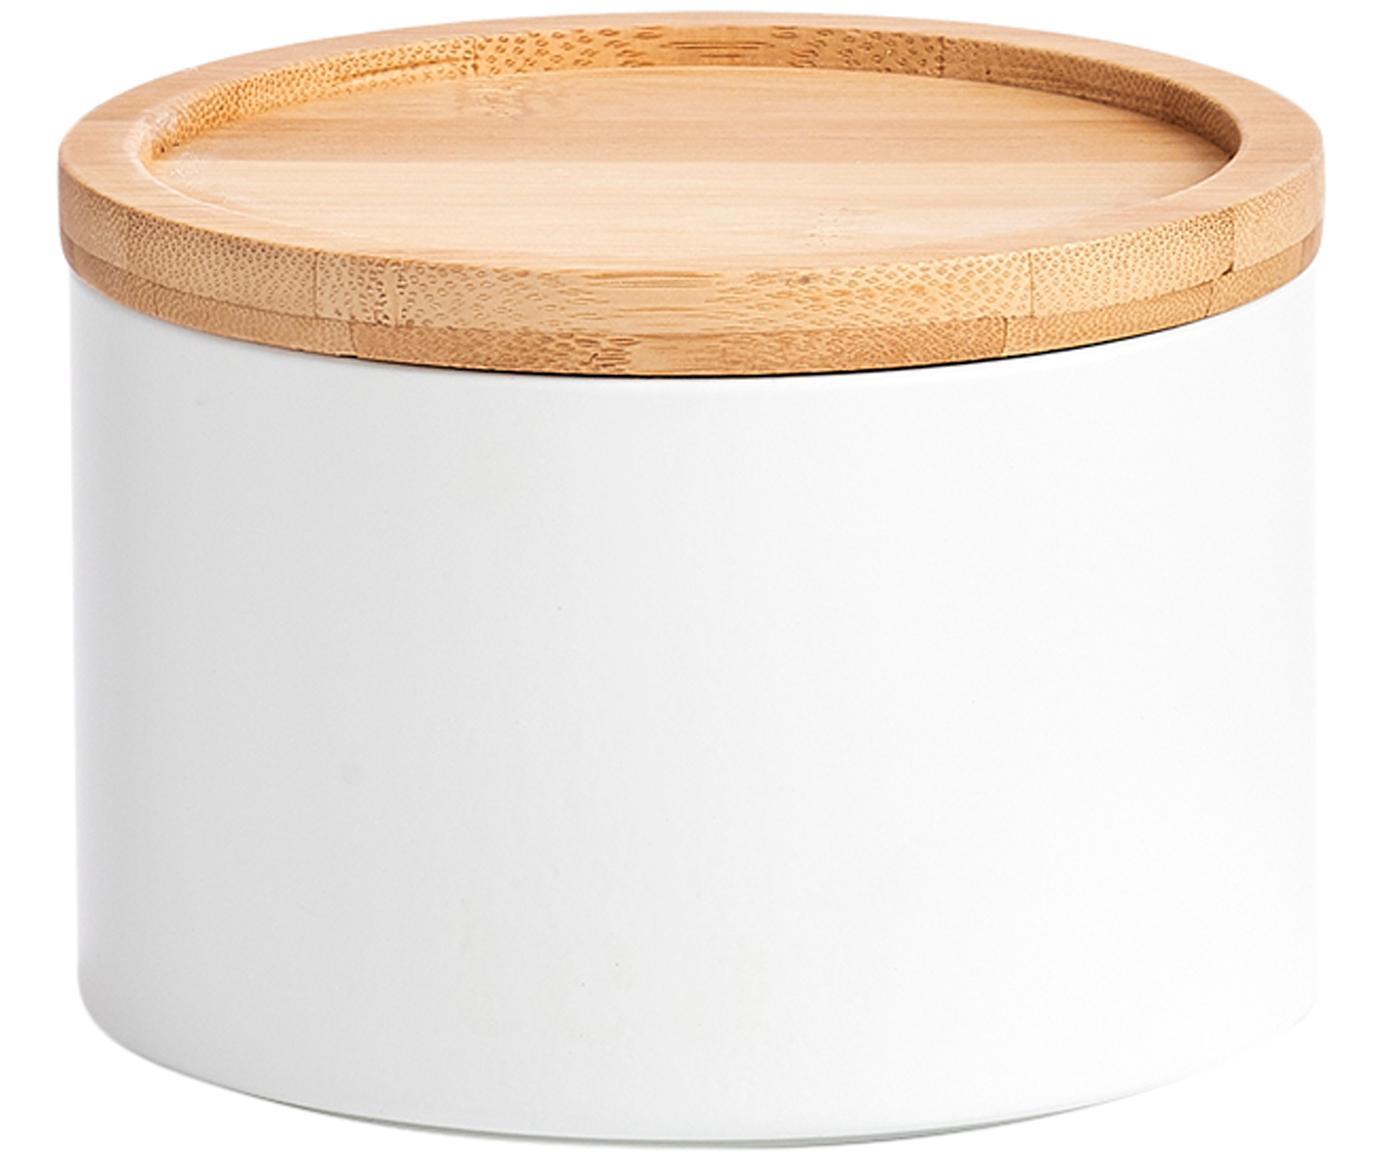 Metall-Aufbewahrungsdose Bambel, stapelbar, Dose: Metall, lackiert, Deckel: Bambus, Weiss, Ø 13 x H 10 cm